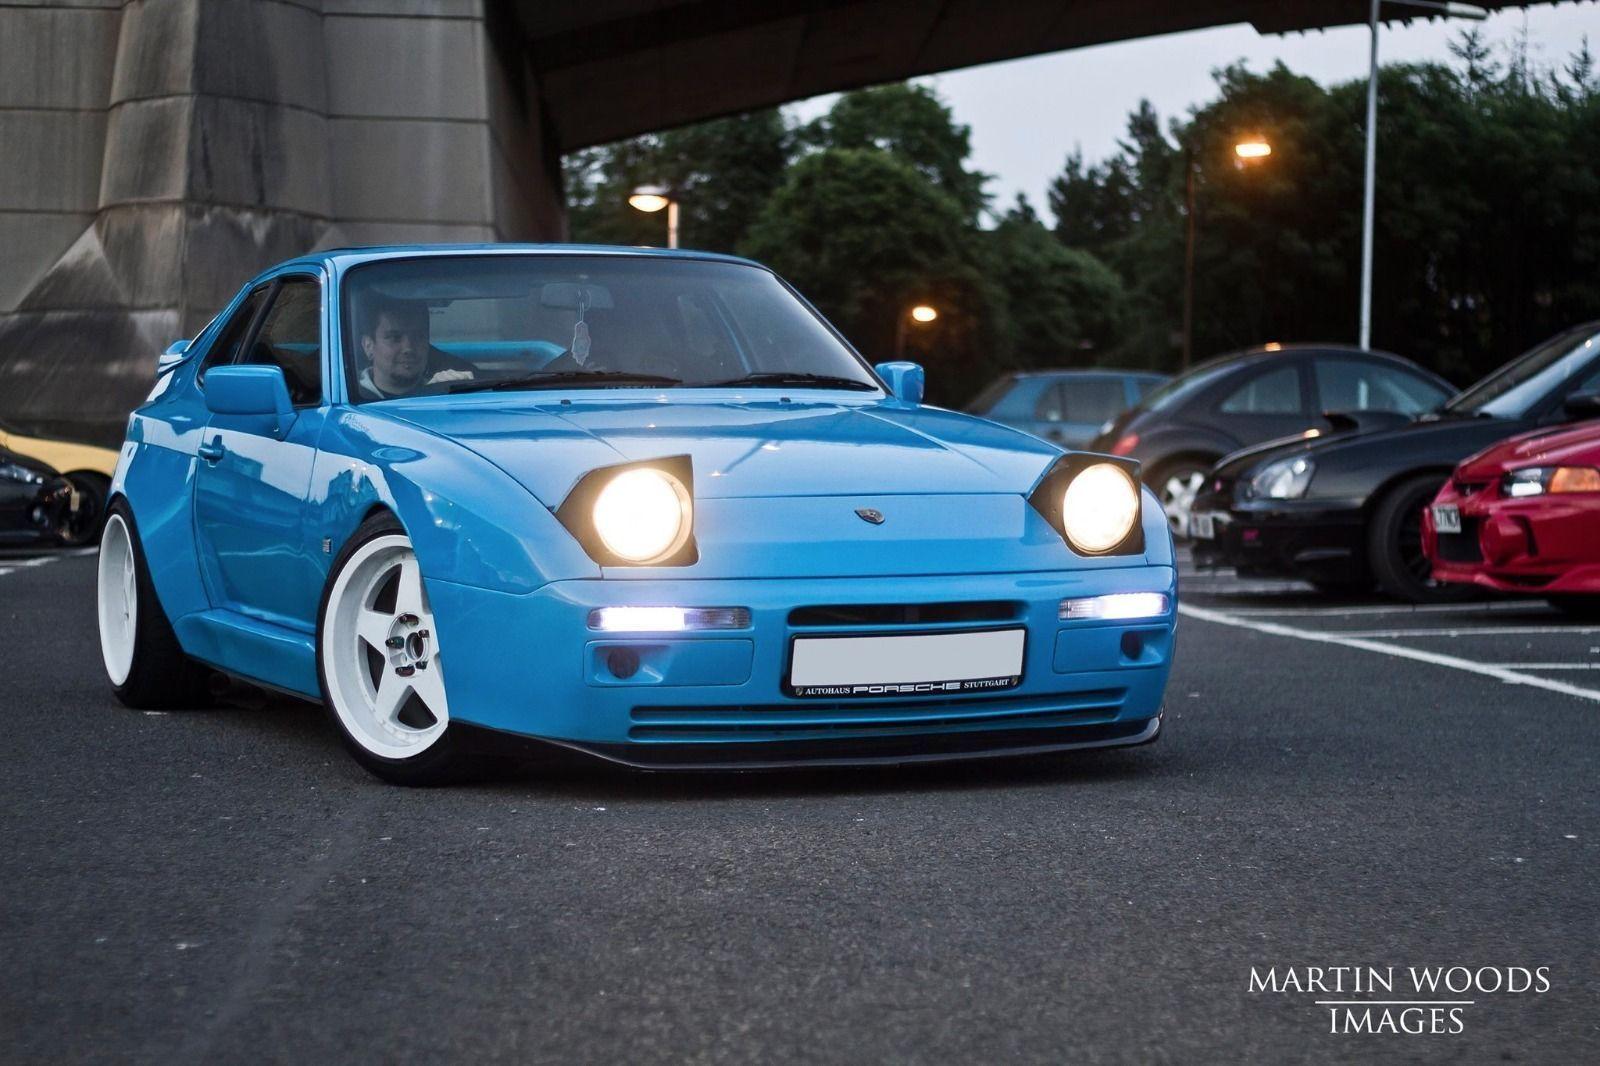 Porsche 944 S2 Riviera Blue Wide Body Modified 228 Bhp